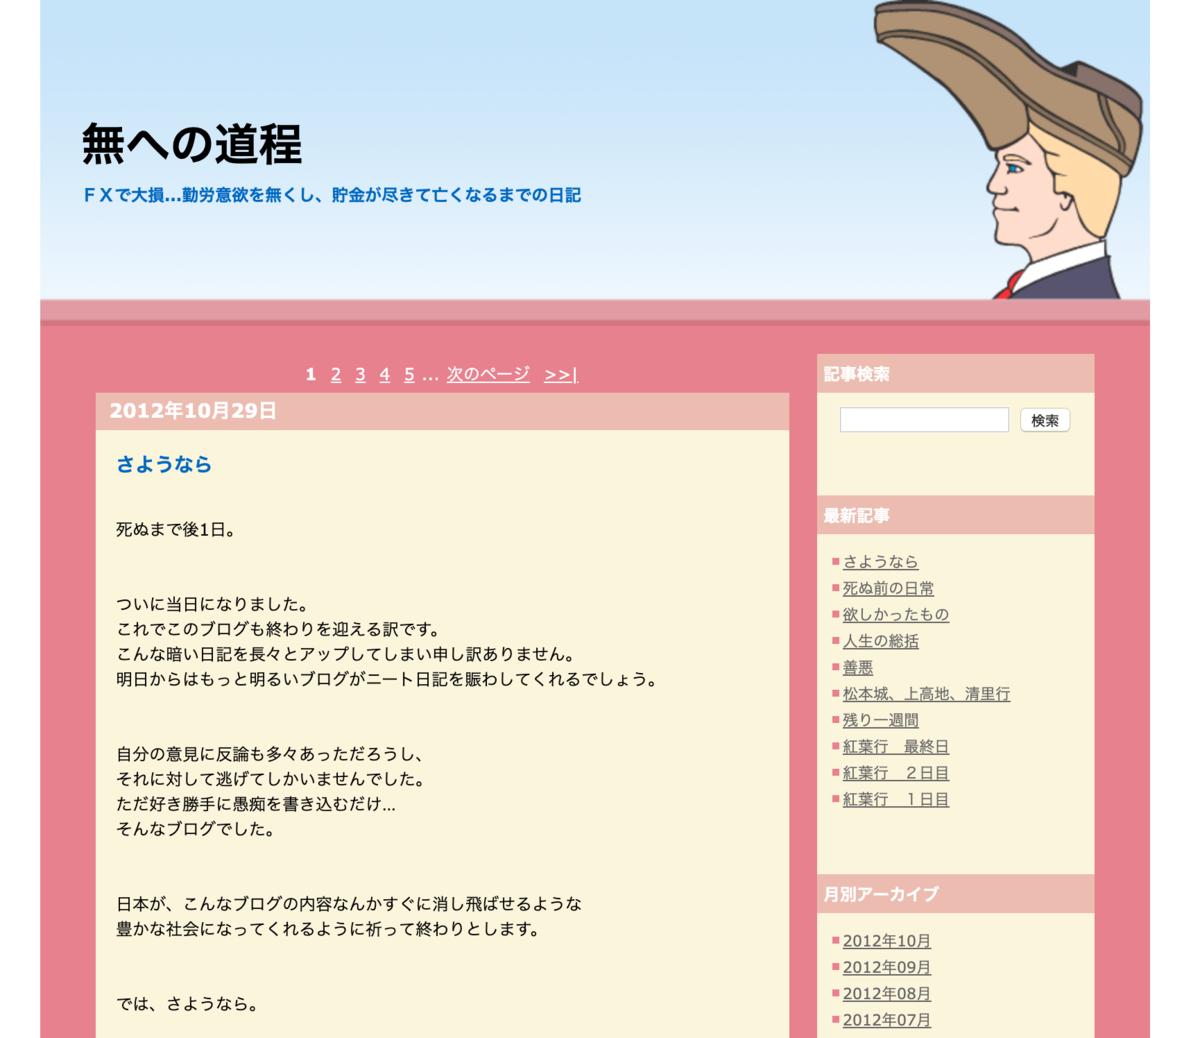 f:id:tsukimi3190:20190804233712p:plain